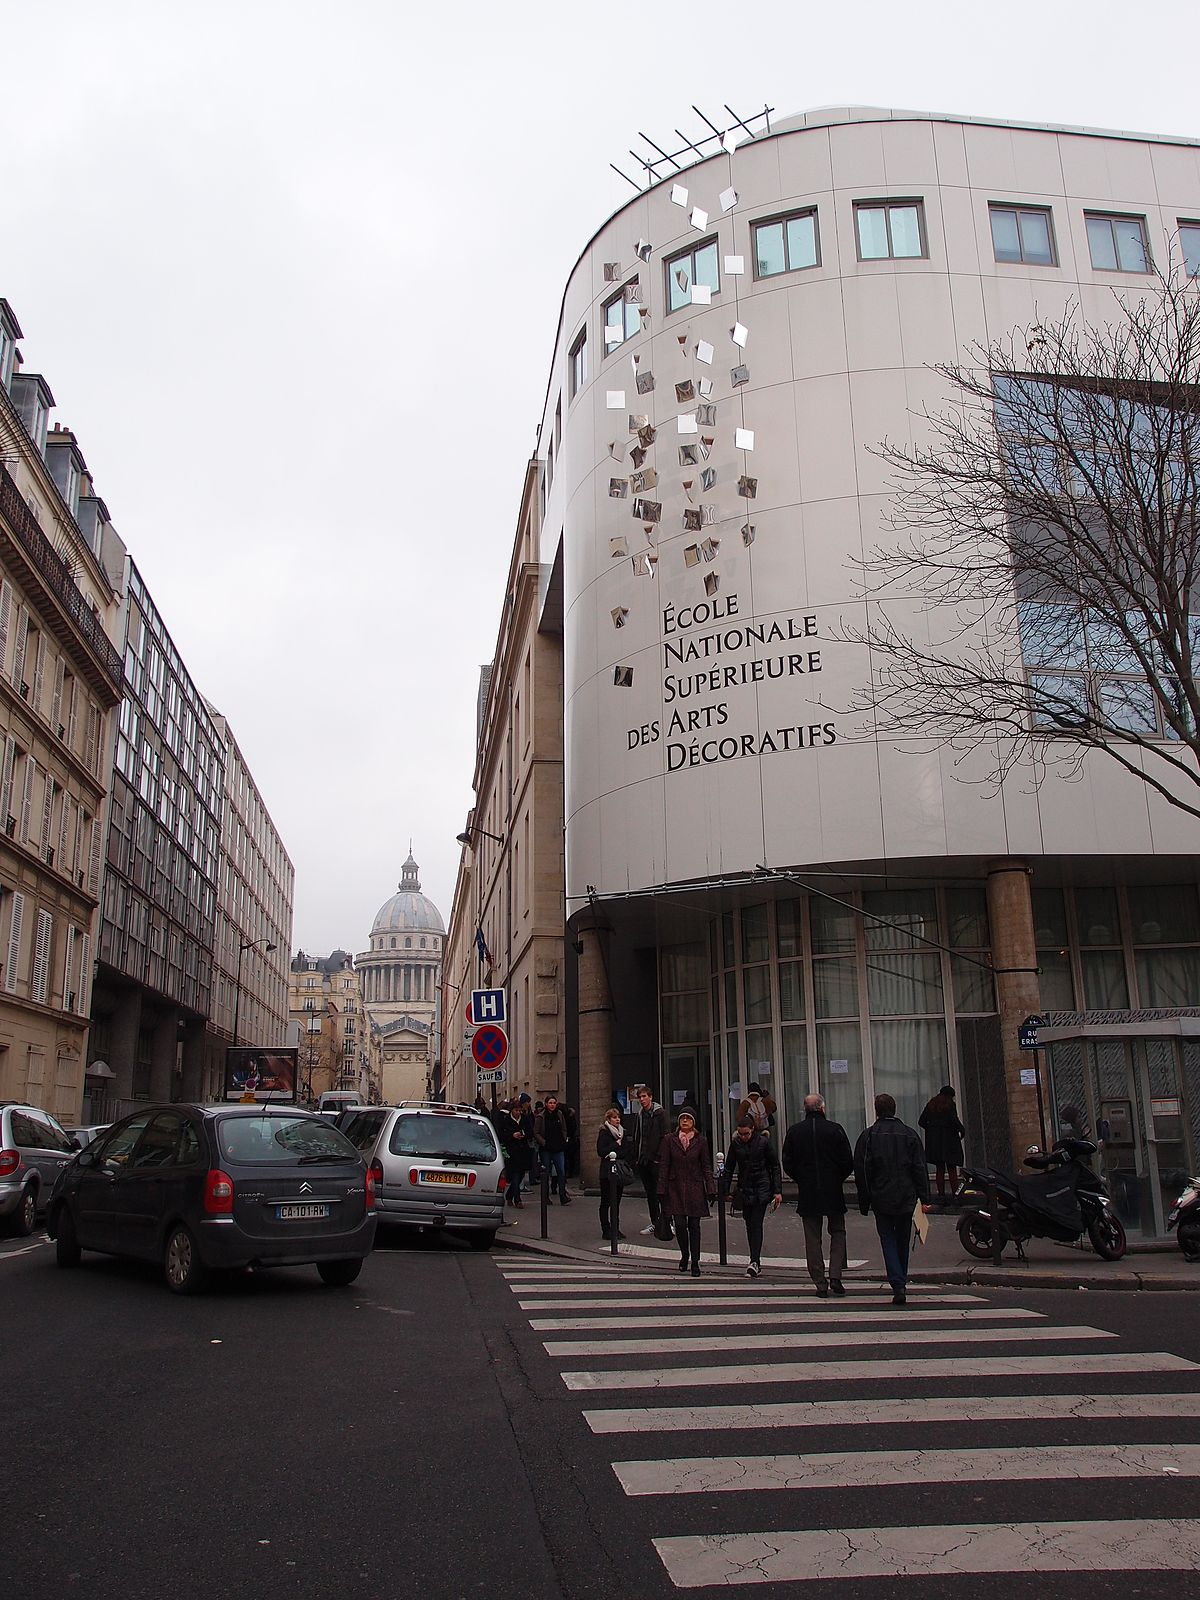 Ecole Nationale Sup Ef Bf Bdrieure Des Arts Decoratifs